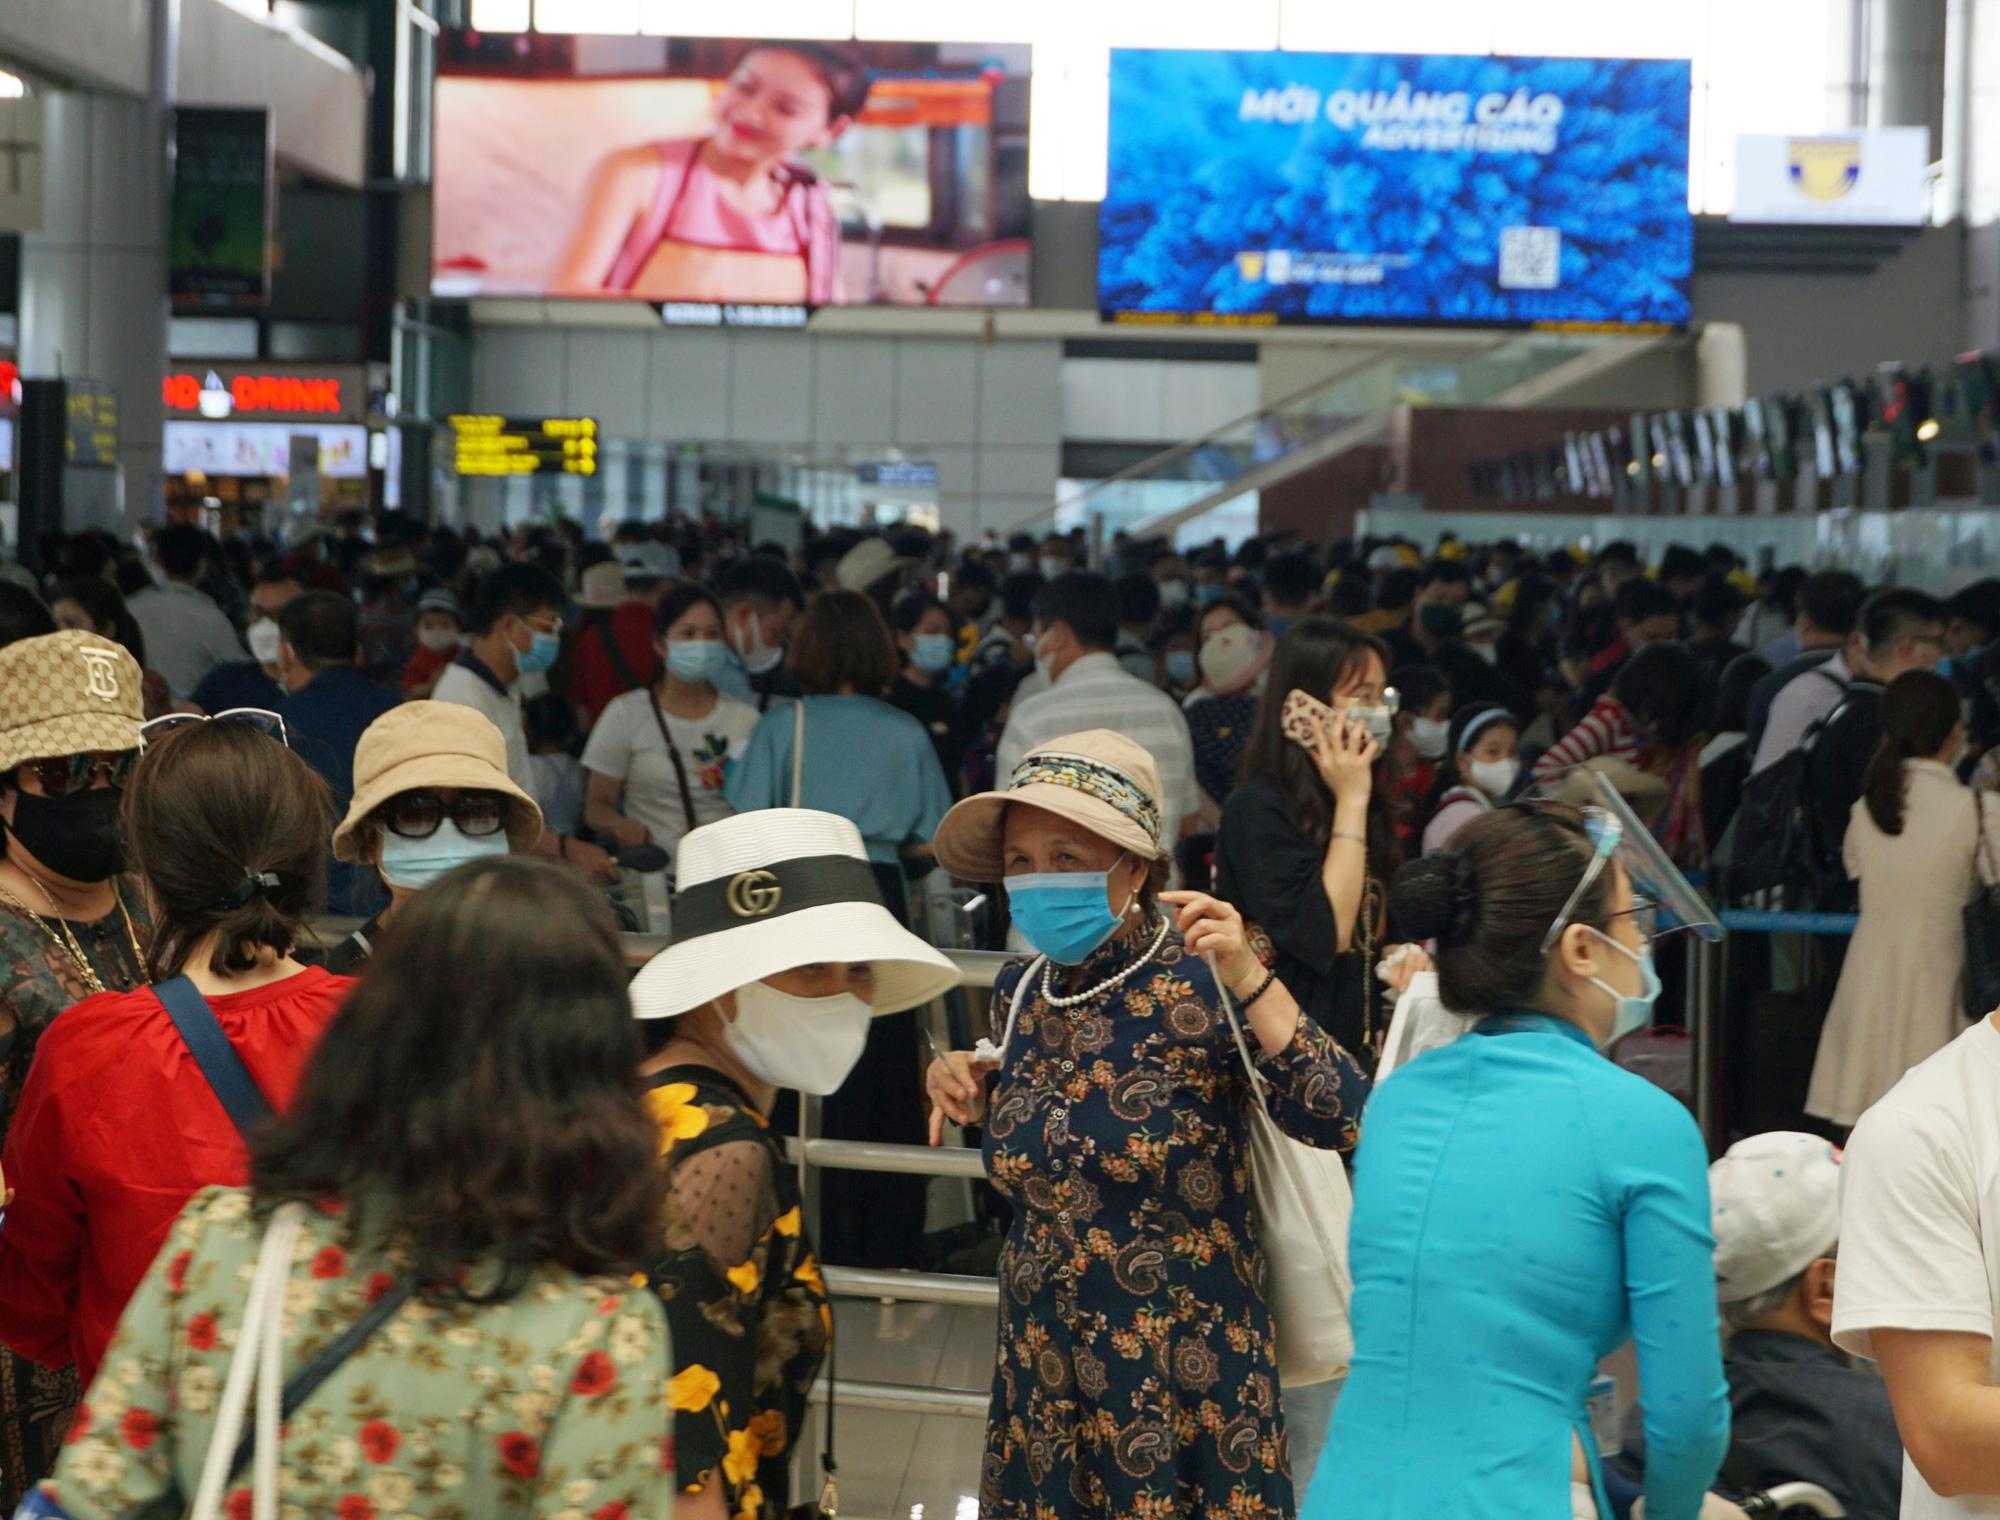 Hàng vạn hành khách xếp hàng dài chờ check-in tại sân bay Nội Bài trước ngày nghỉ lễ 30/4-1/5 - Ảnh 3.